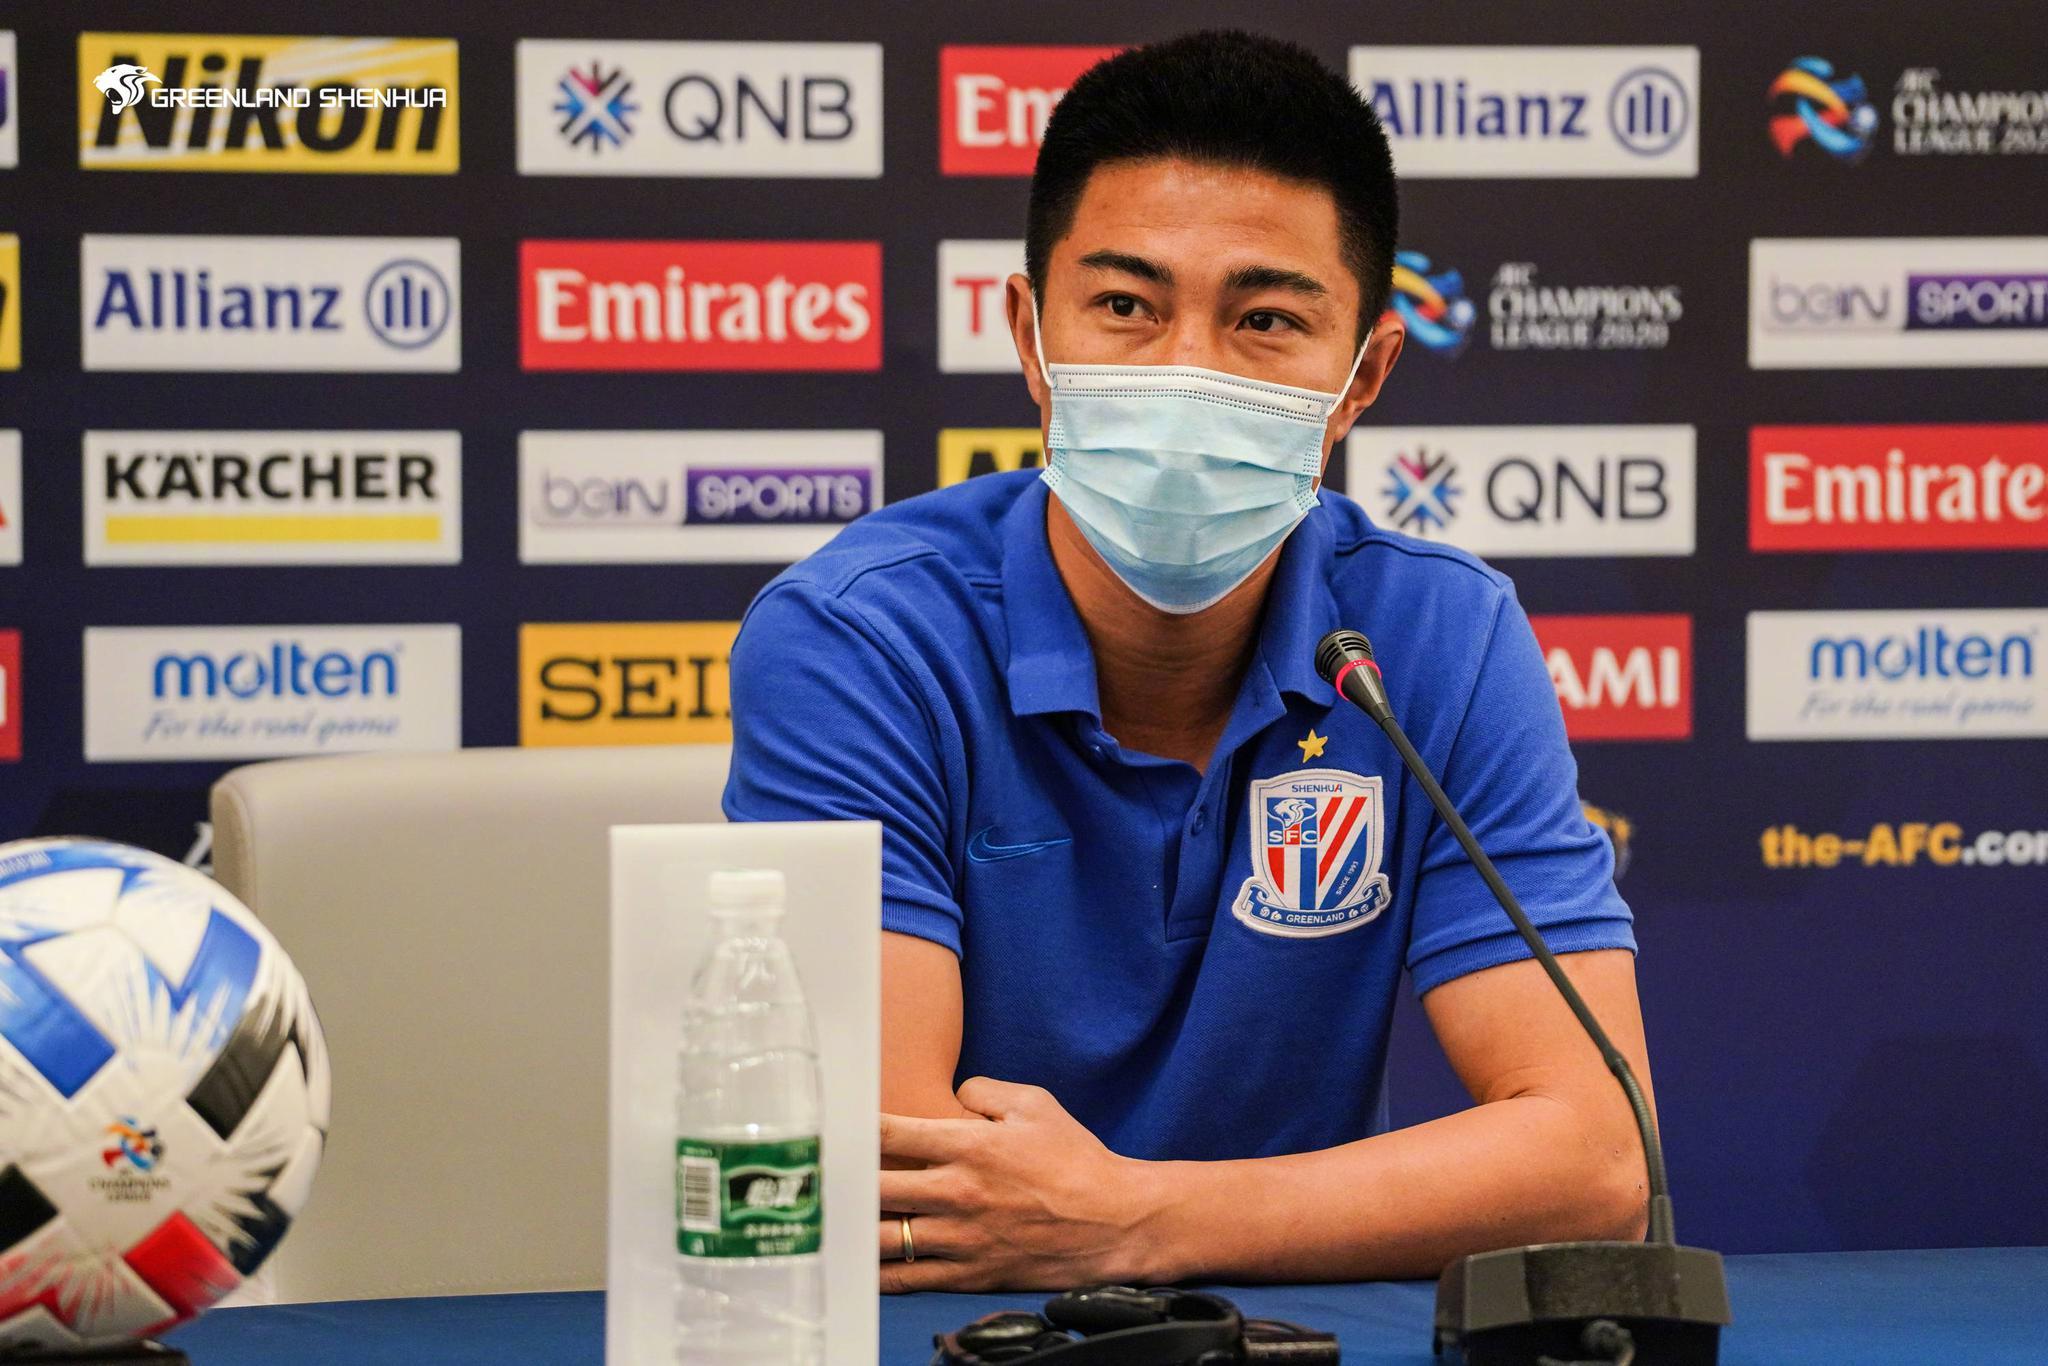 孙世林与崔康熙参加亚冠小组第四轮申花与东京FC的新闻发布会